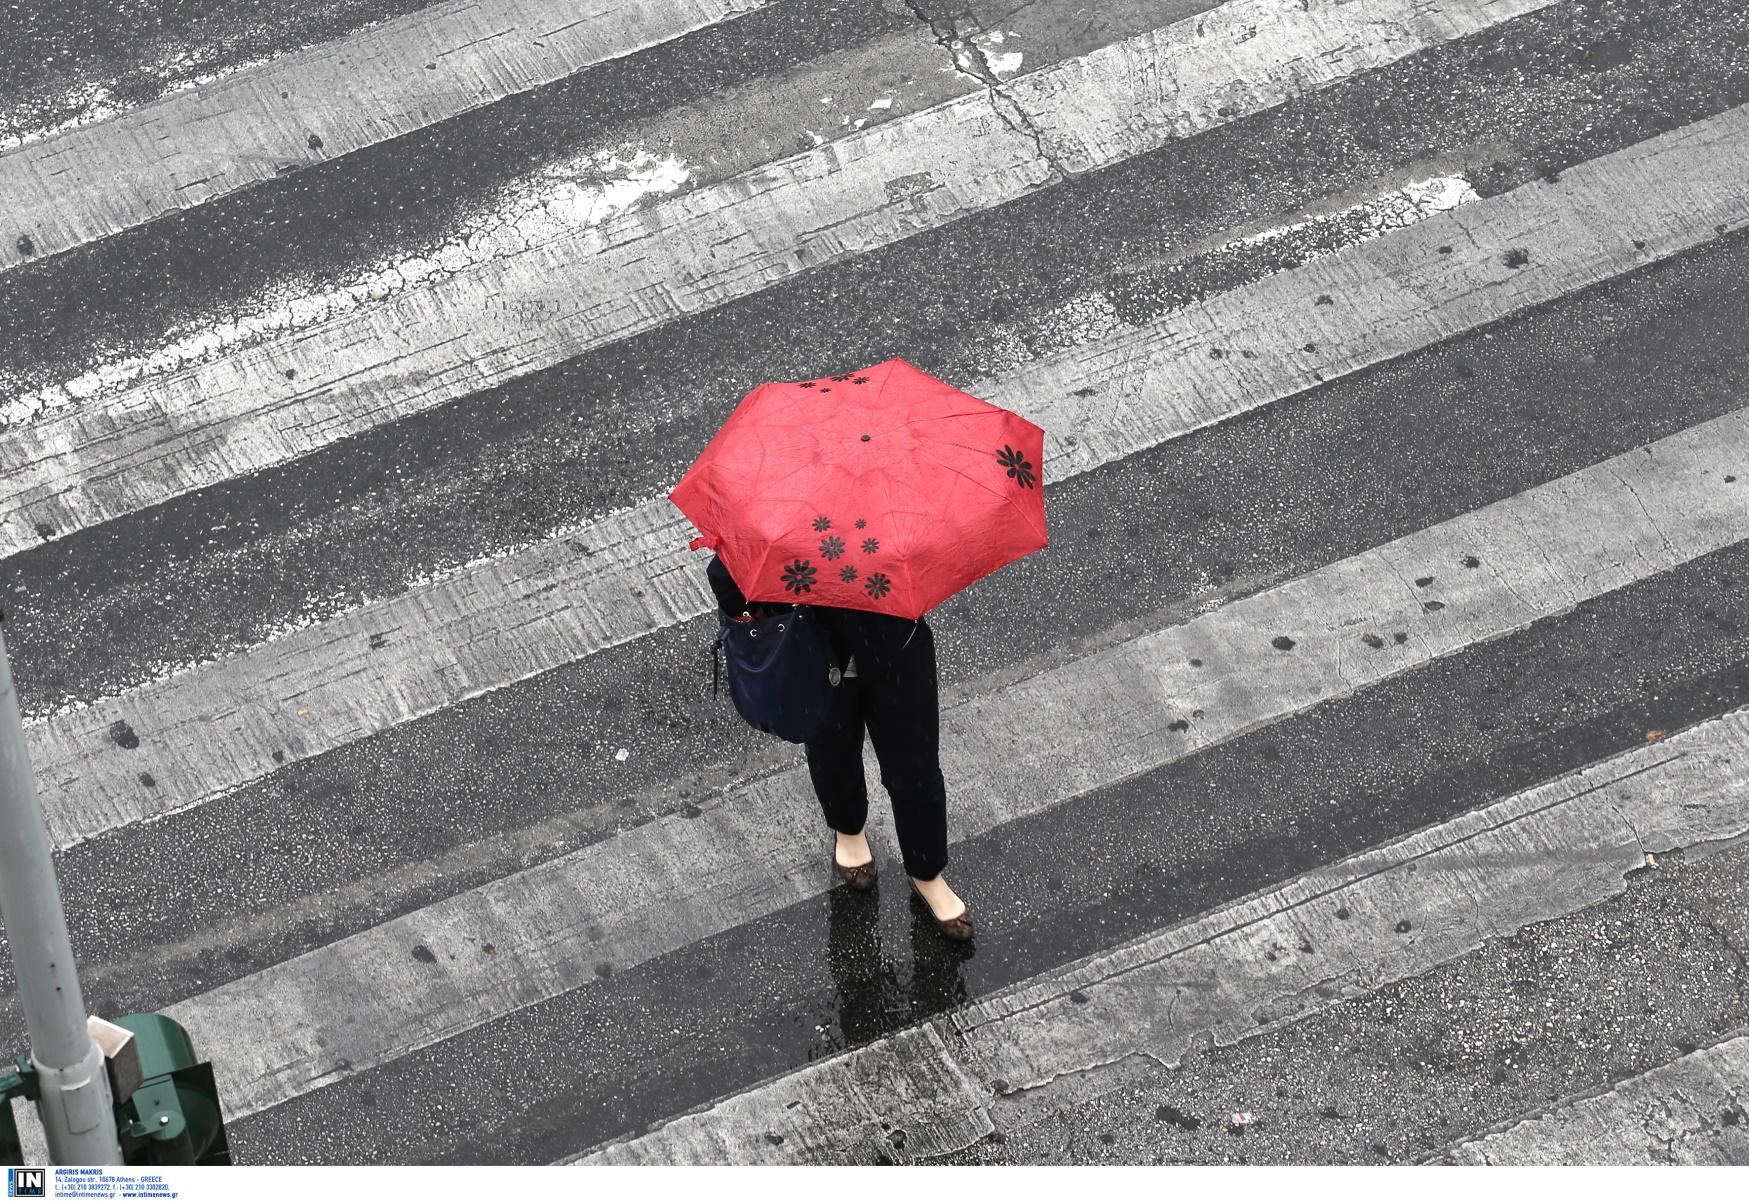 Καιρός σήμερα: Ο χειμώνας επιστρέφει – Βροχές, μποφόρ και κρύο